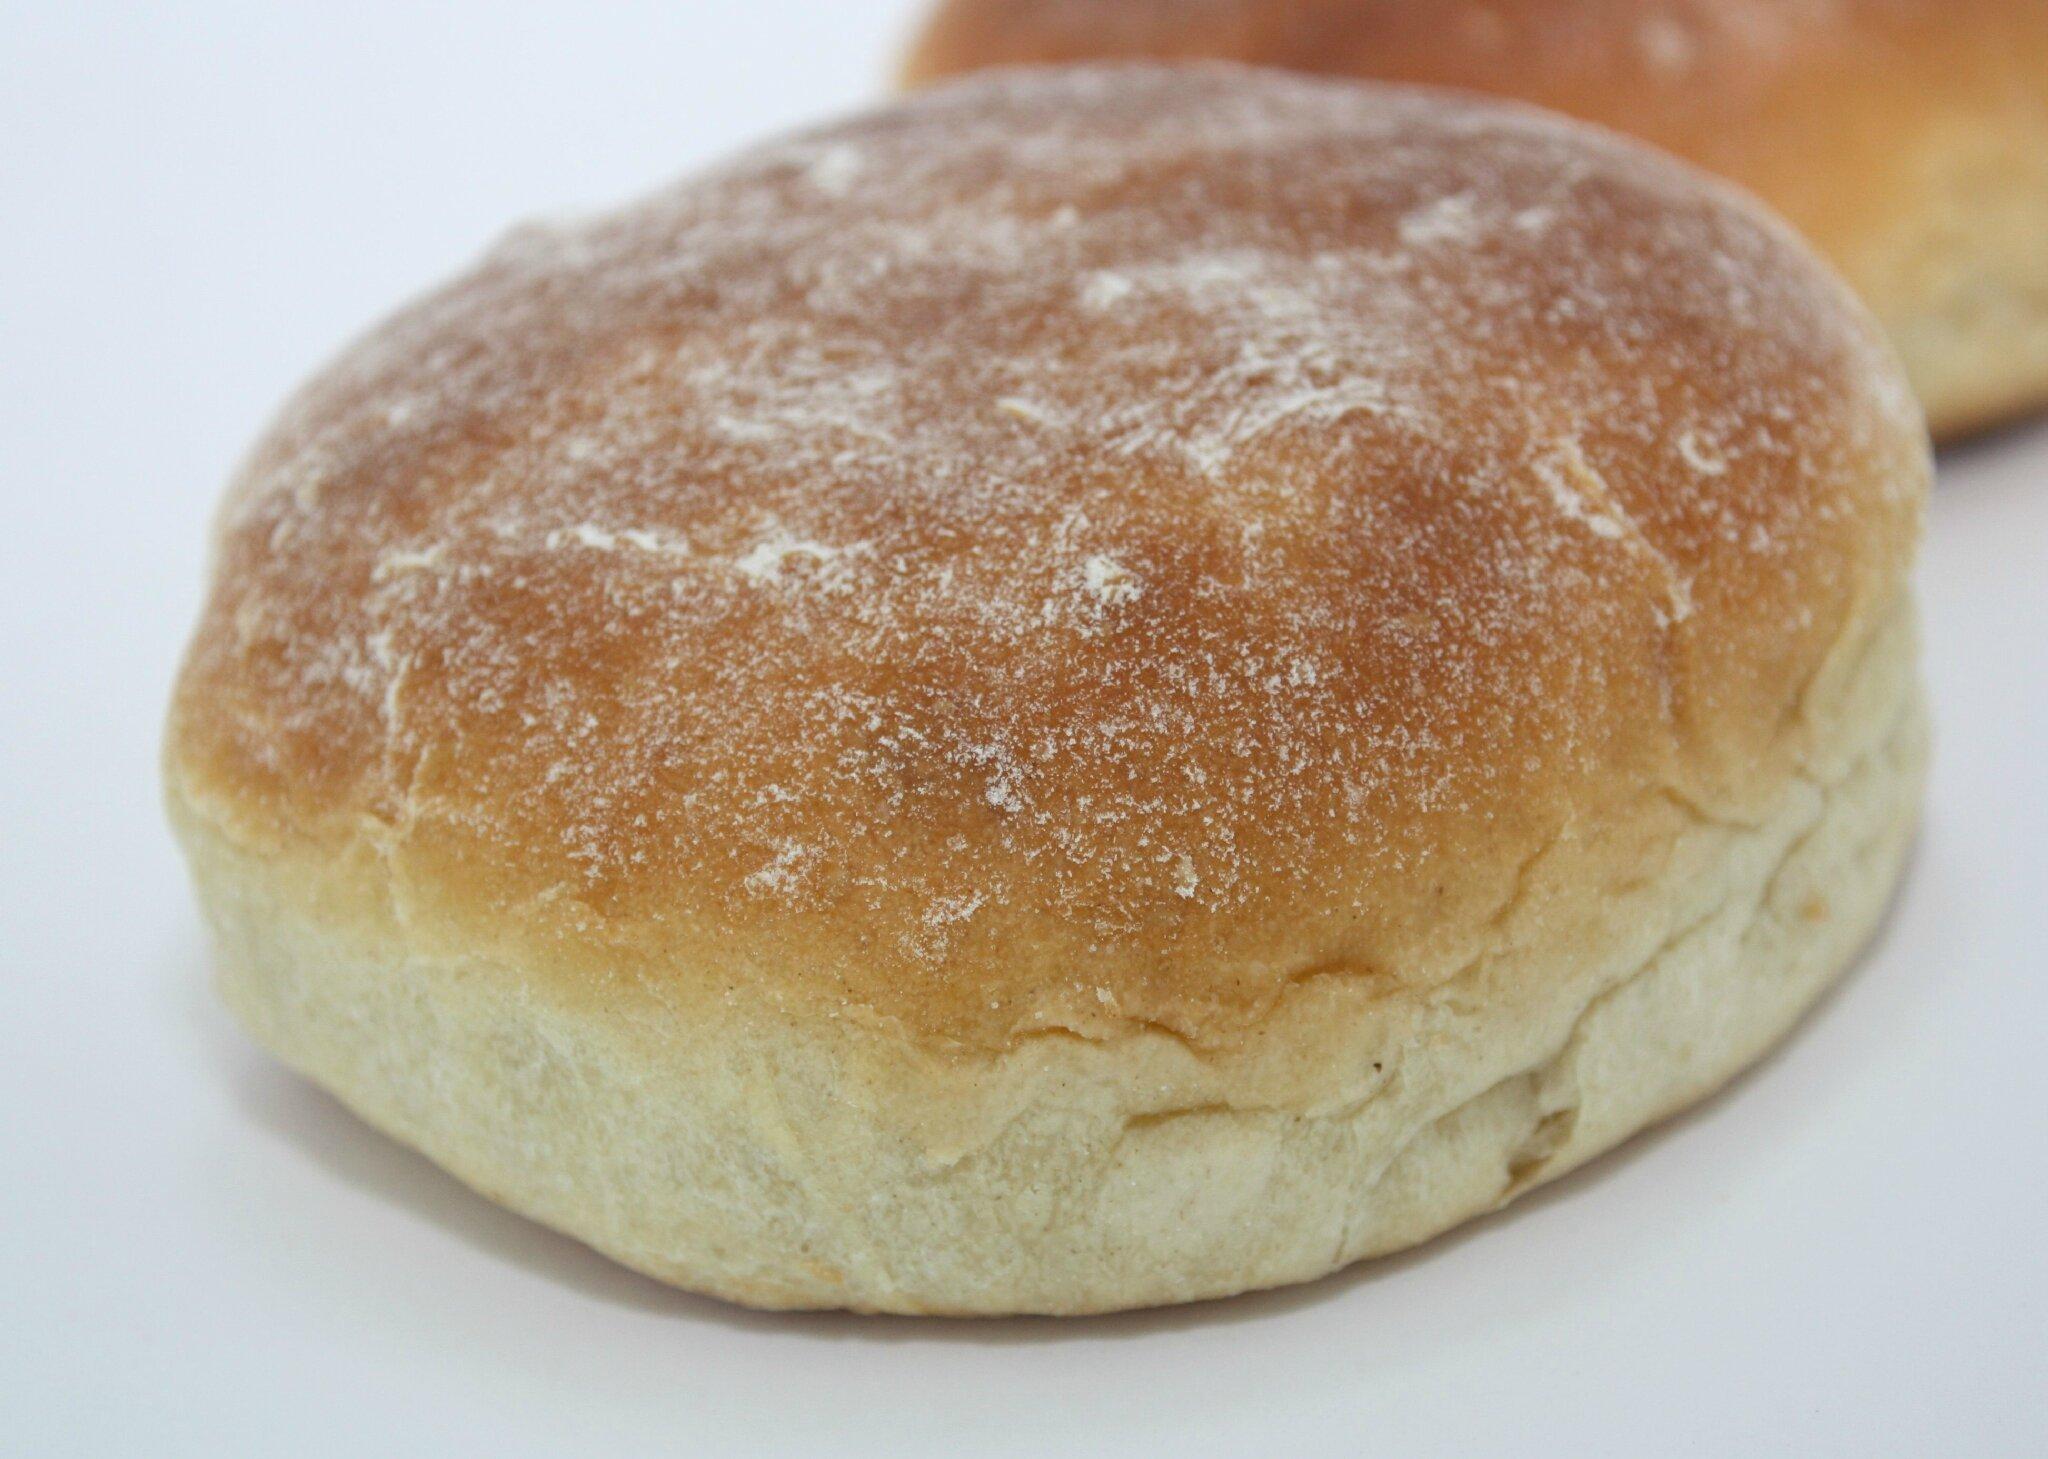 Recette pain pour hamburger maison - Quelle orientation du lit pour bien dormir ...